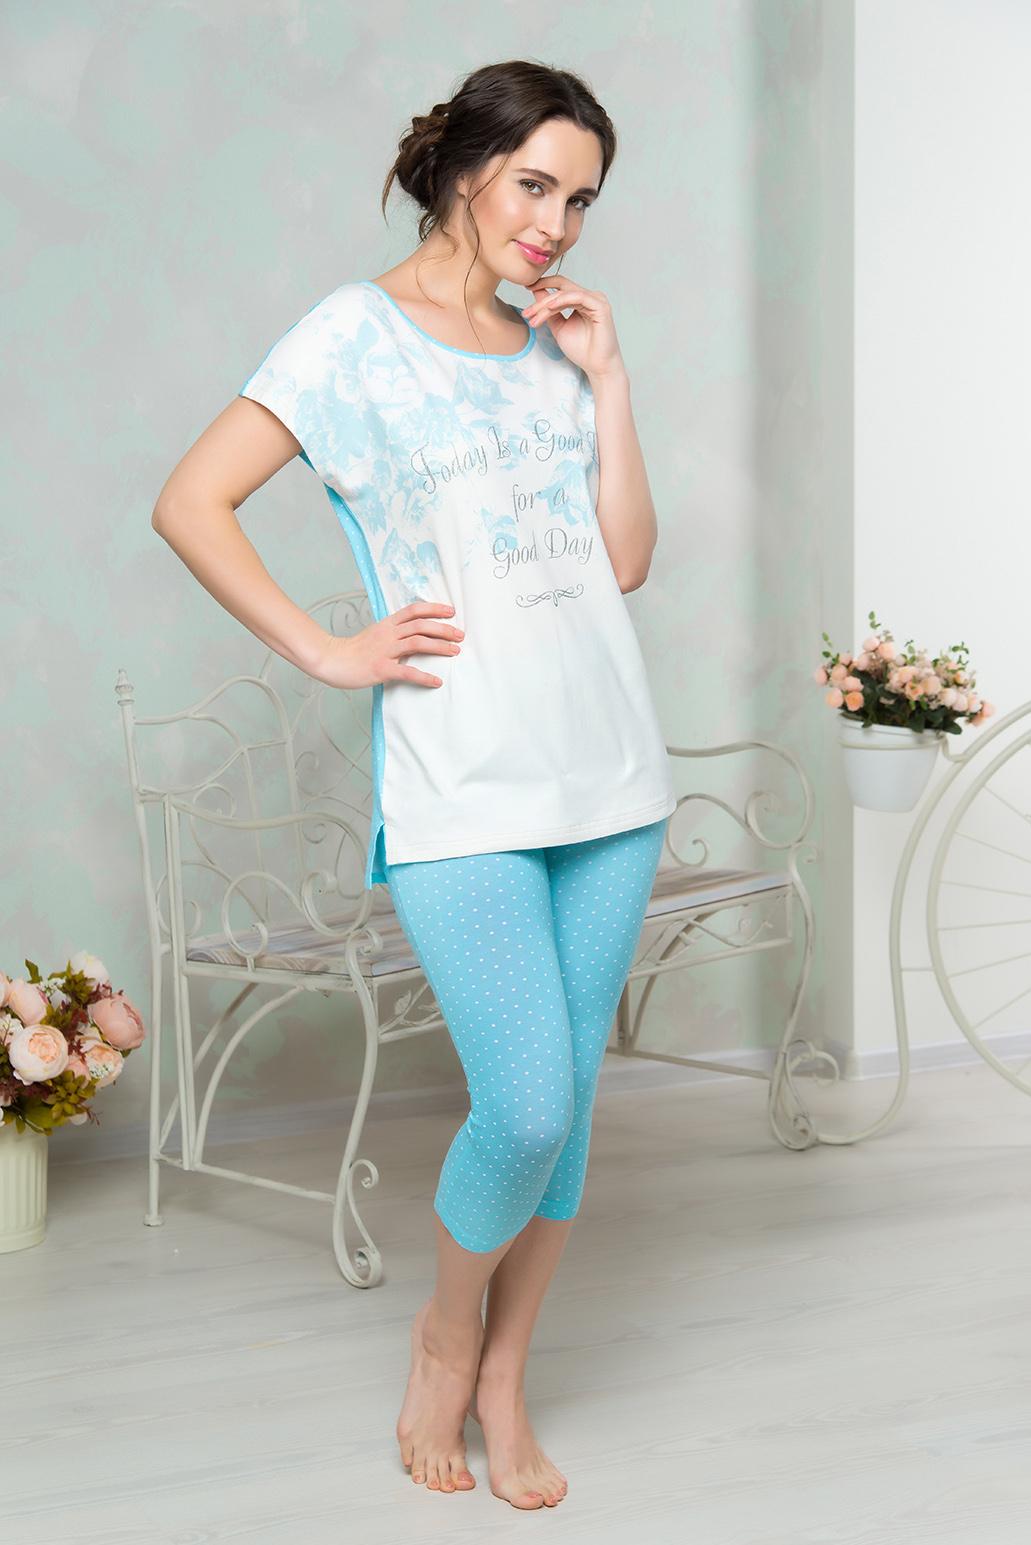 Комплект домашний женский Mia Cara: футболка, капри, цвет: голубой. AW16-MCUZ-847. Размер 50/52AW16-MCUZ-847Комплект домашний одежды Mia Cara состоит из футболки и брюк-капри. Модель выполнена из высококачественного хлопка с добавлением эластана. Футболка с круглой горловиной дополнена принтом с надписями и небольшими разрезами по бокам. Капри оформлены рисунком в горошек.